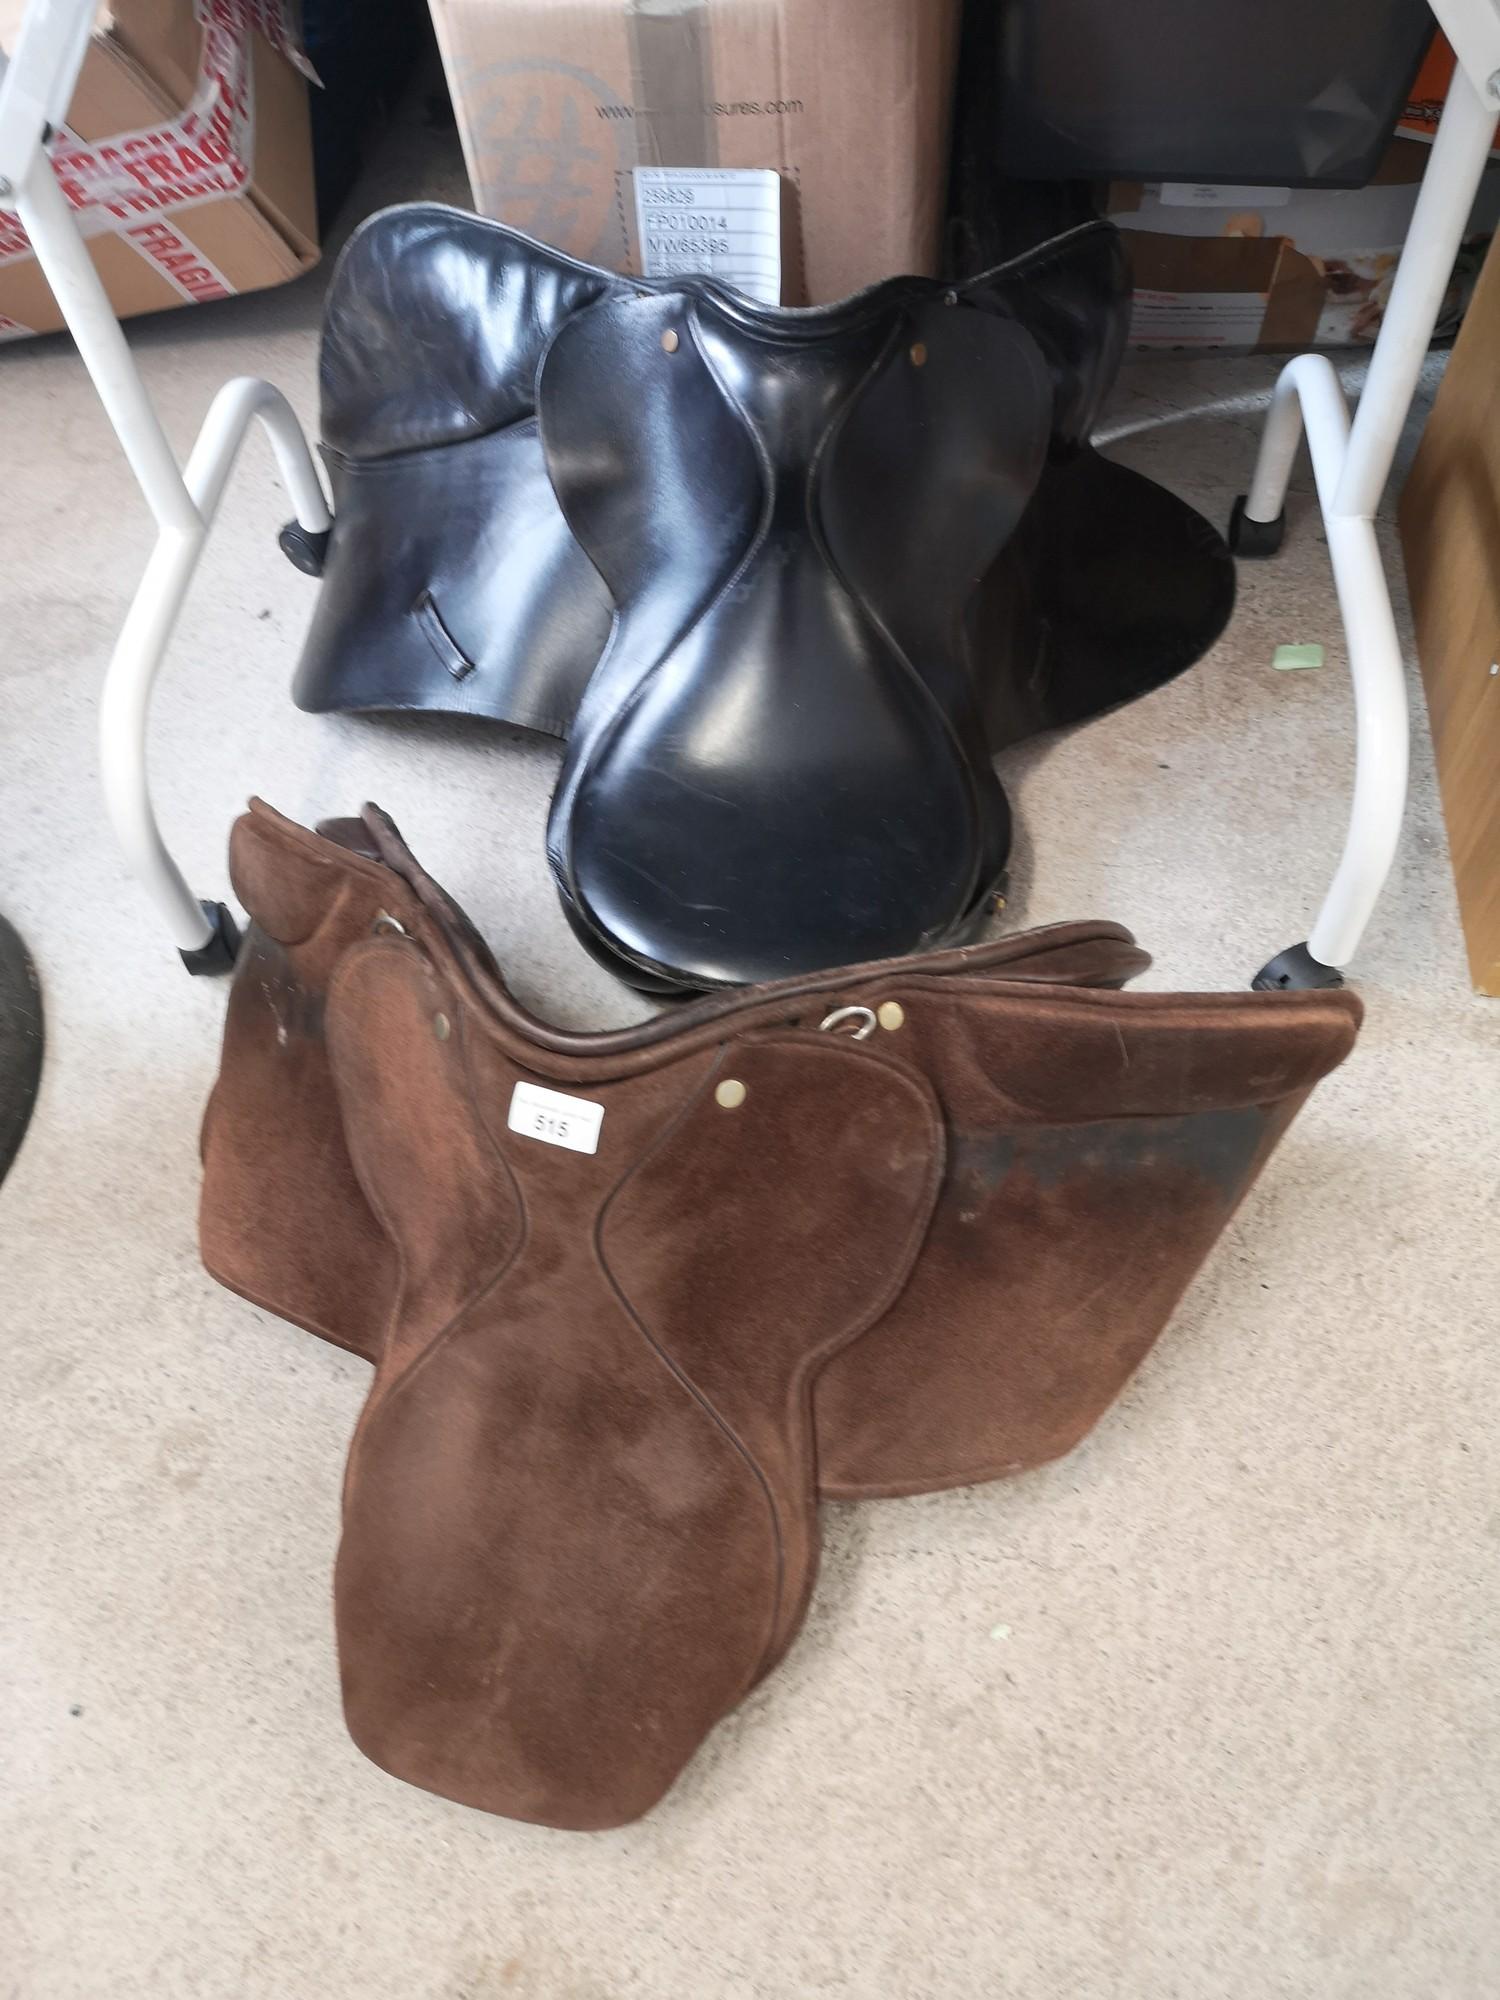 2 horse saddles.